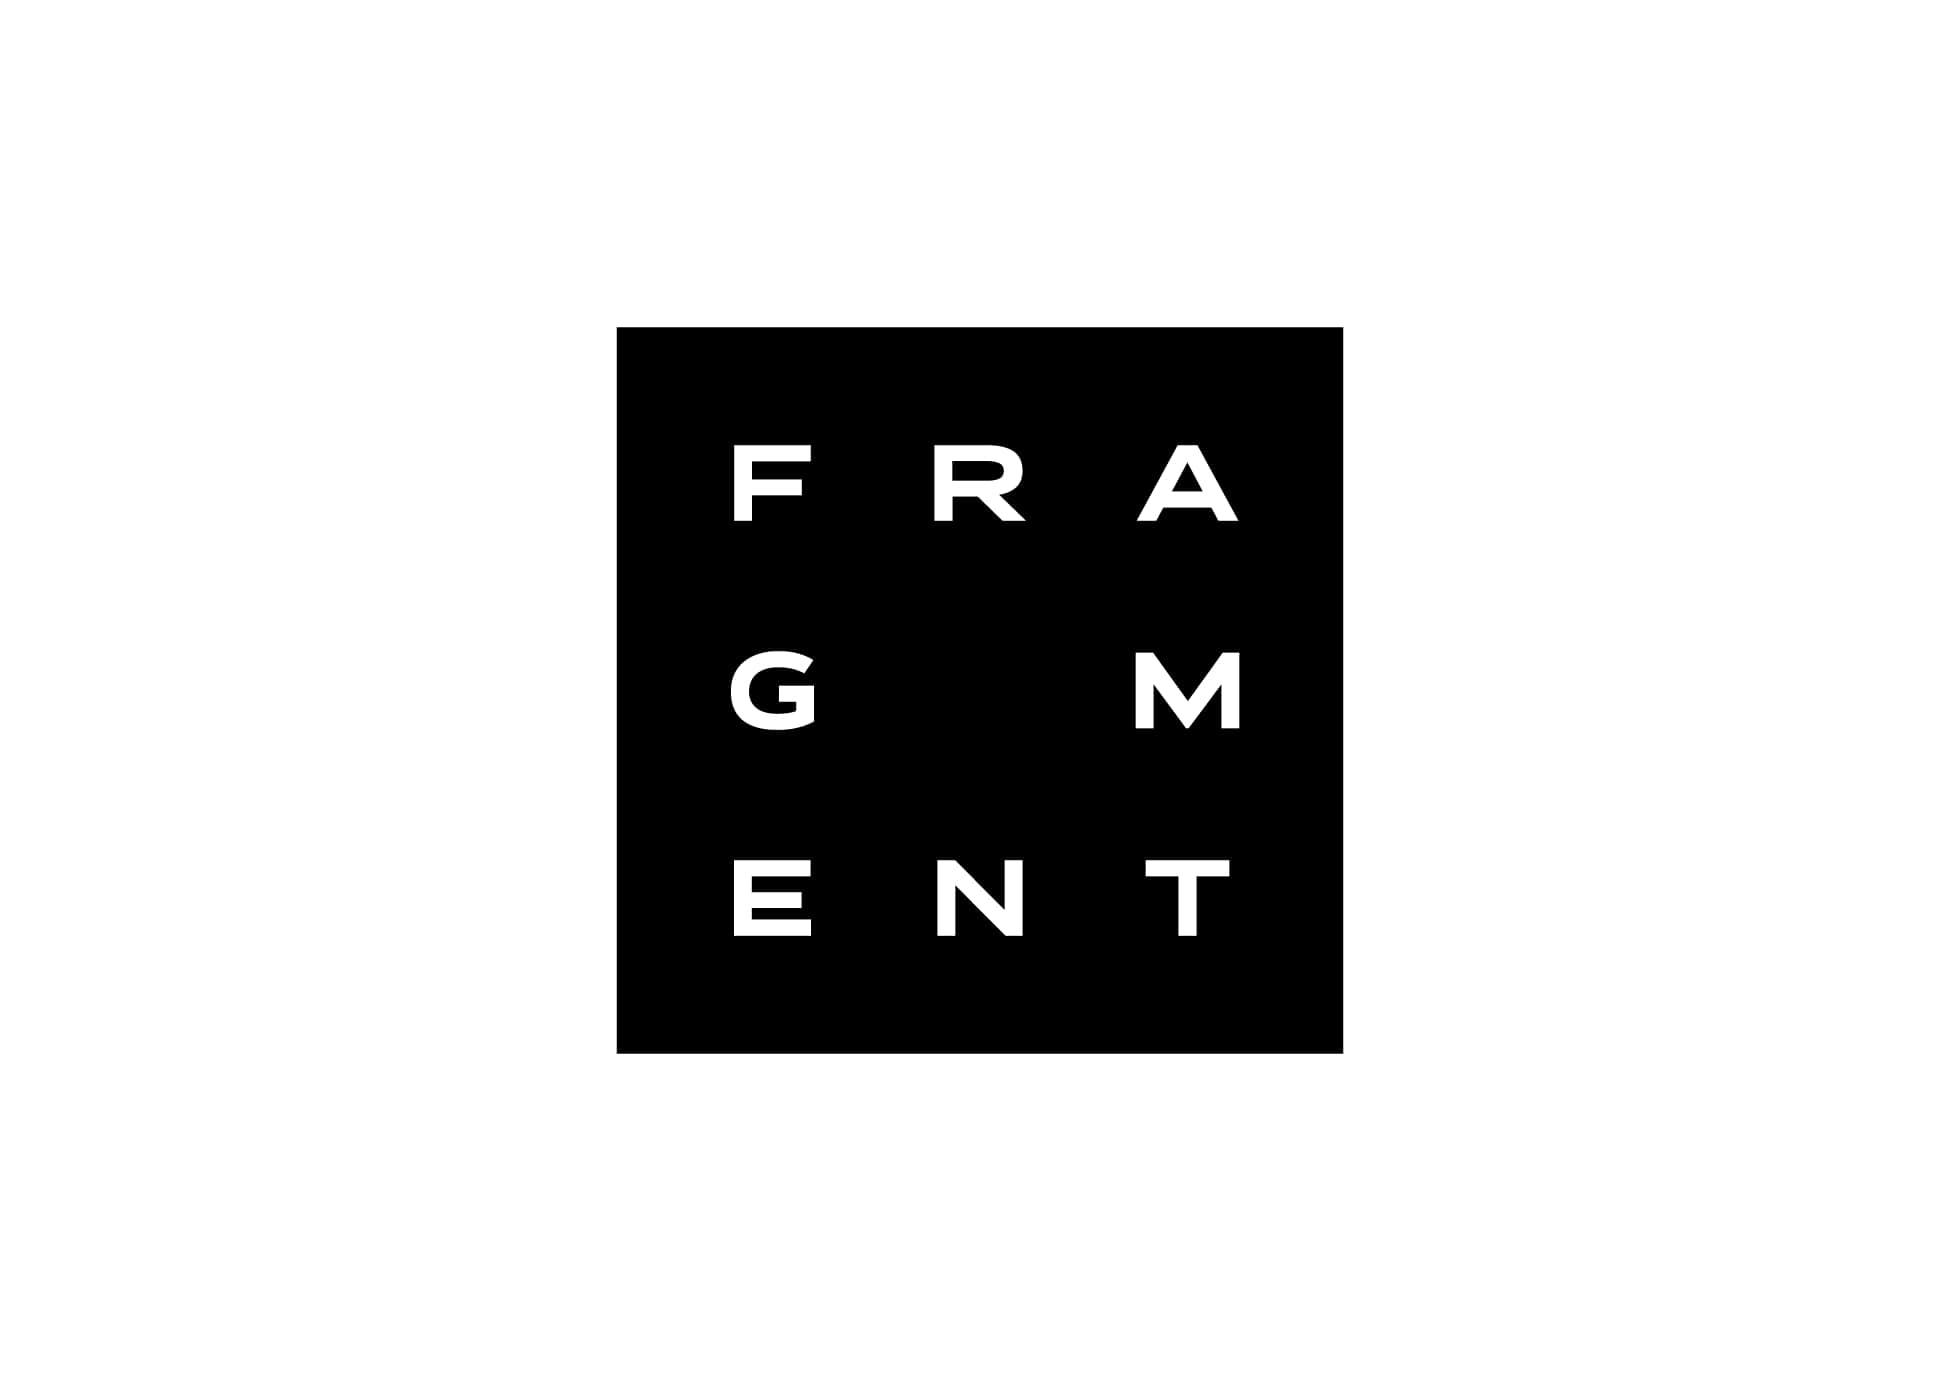 residential_fragmnt_logo_black